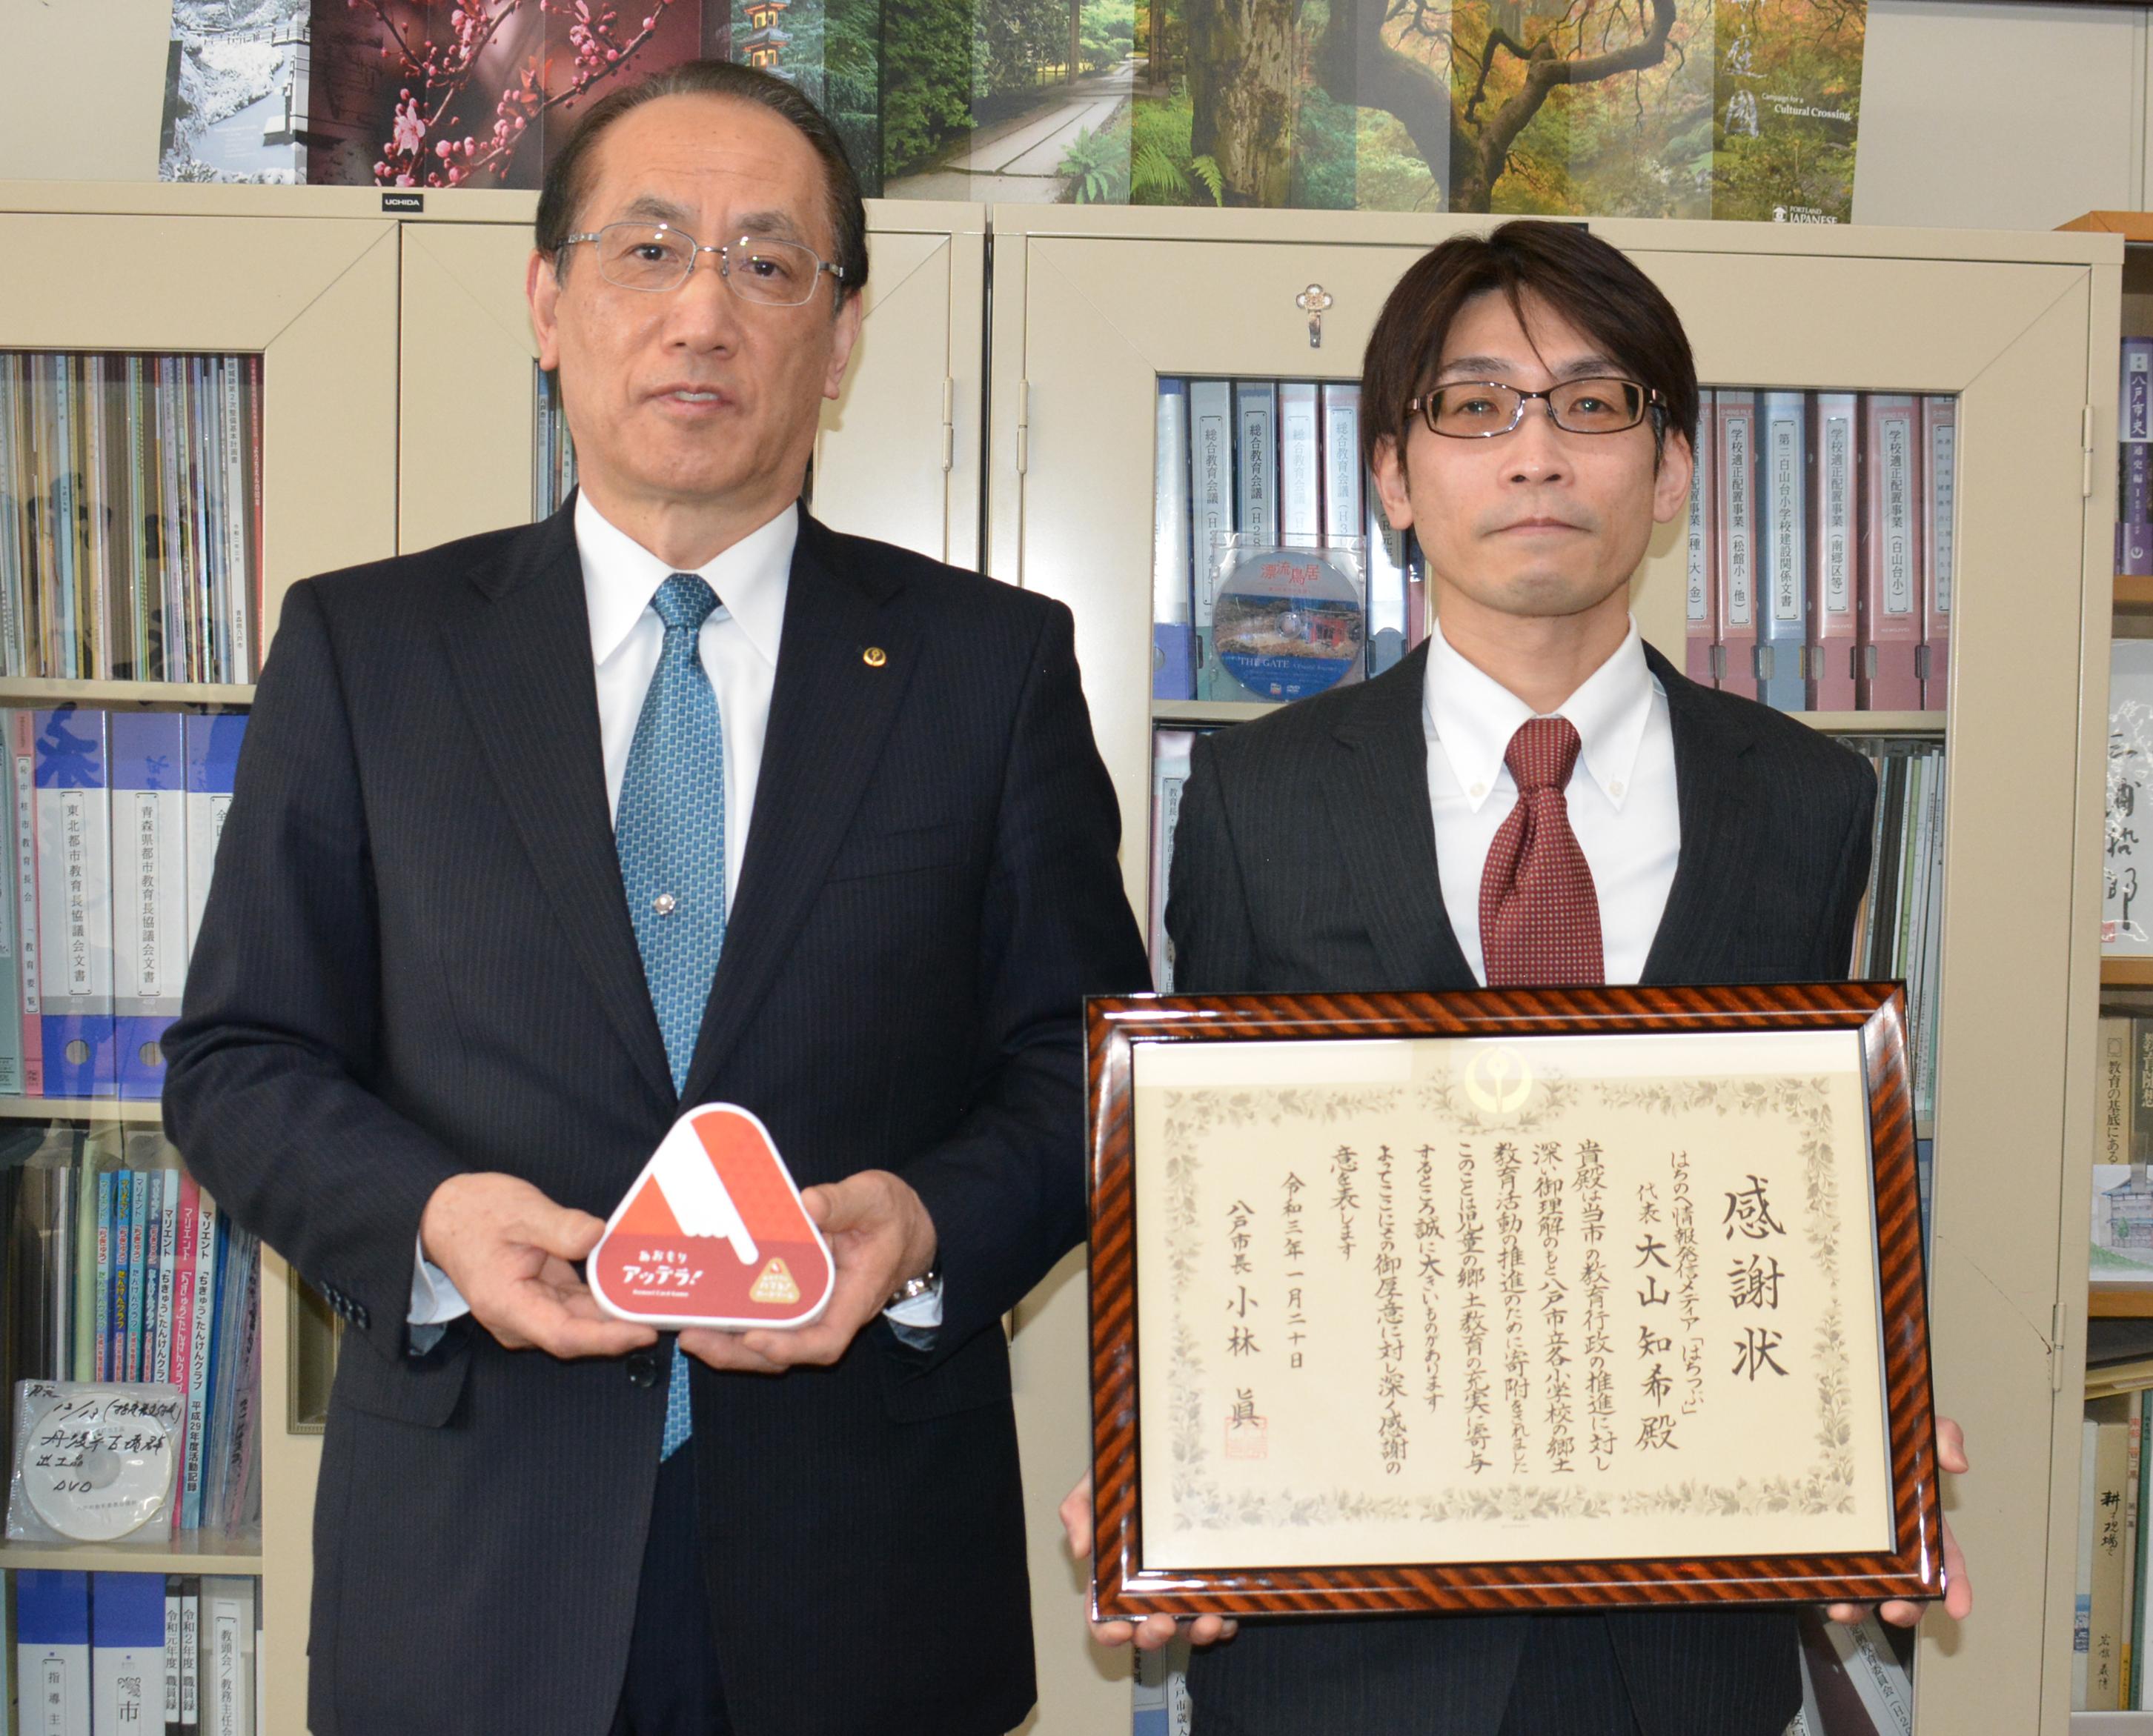 【プロジェクト】「あおもりアッテラ!」を青森県八戸市の小学校全42校に寄付しました。